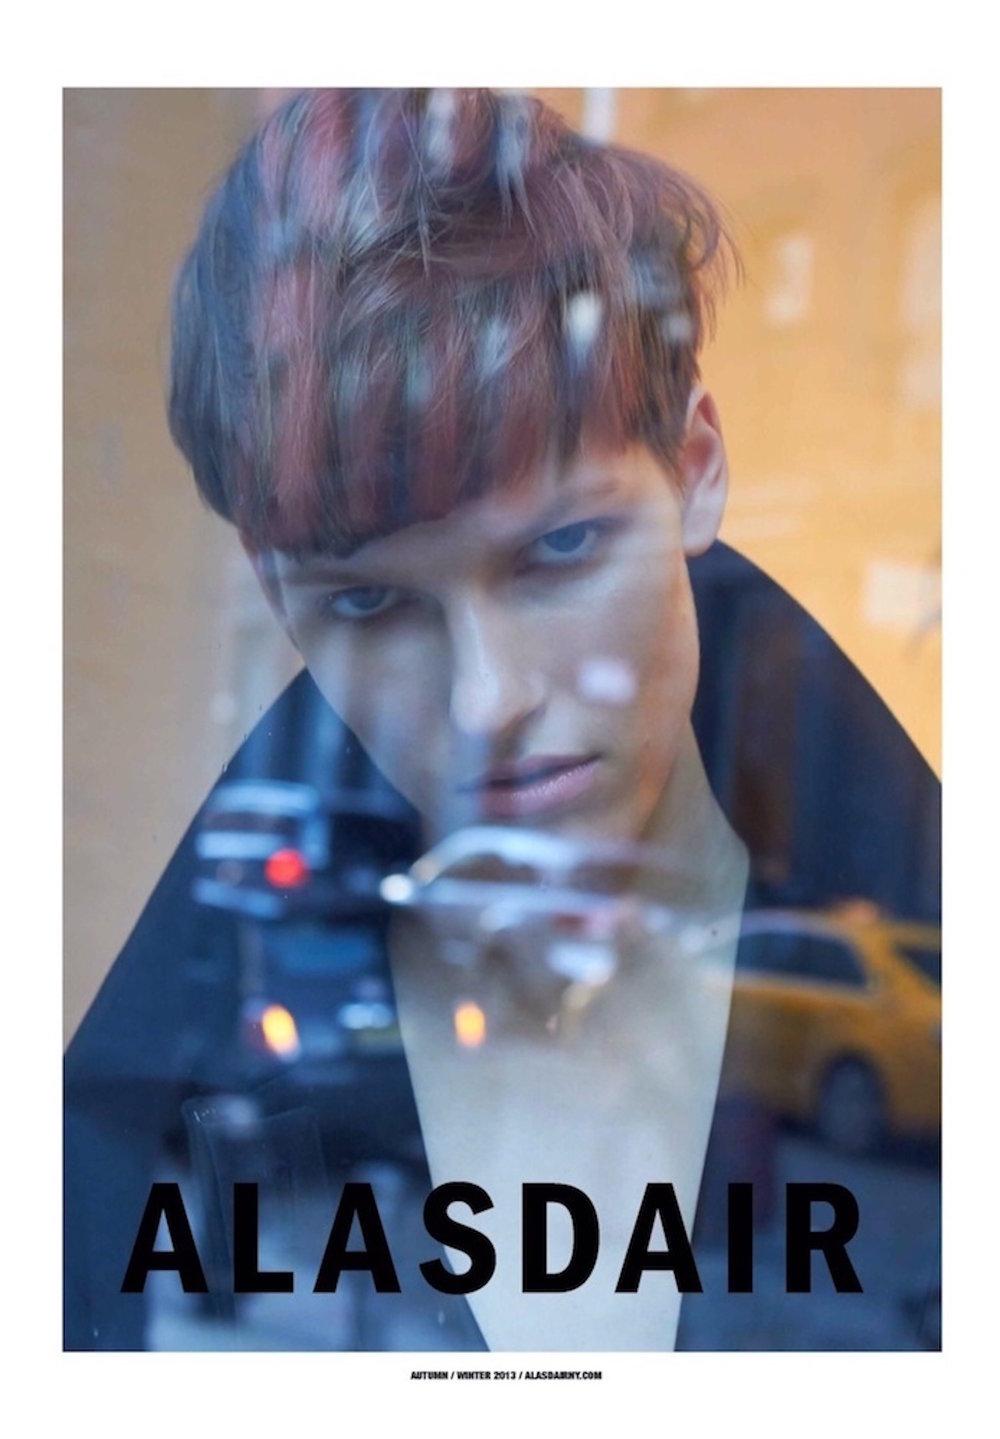 1500ALASDAIR-AW13-Ad-Campaign copy 2.jpg